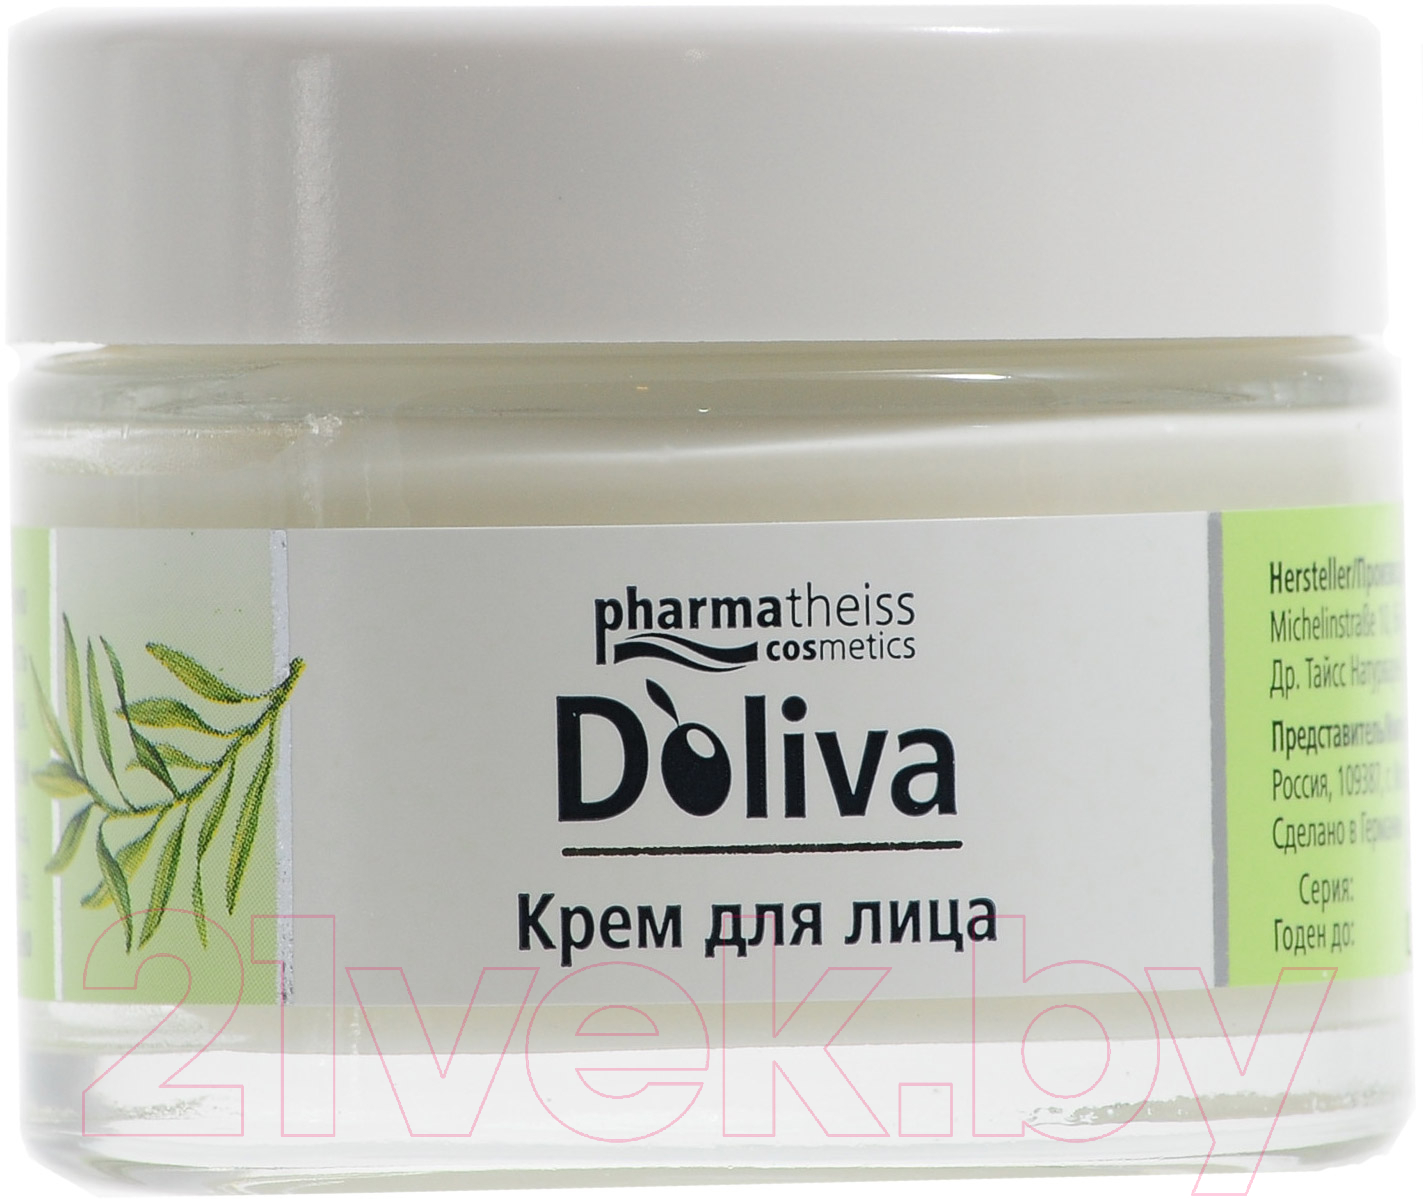 Купить Крем для лица Doliva, Для сухой и чувствительной кожи лица (50мл), Германия